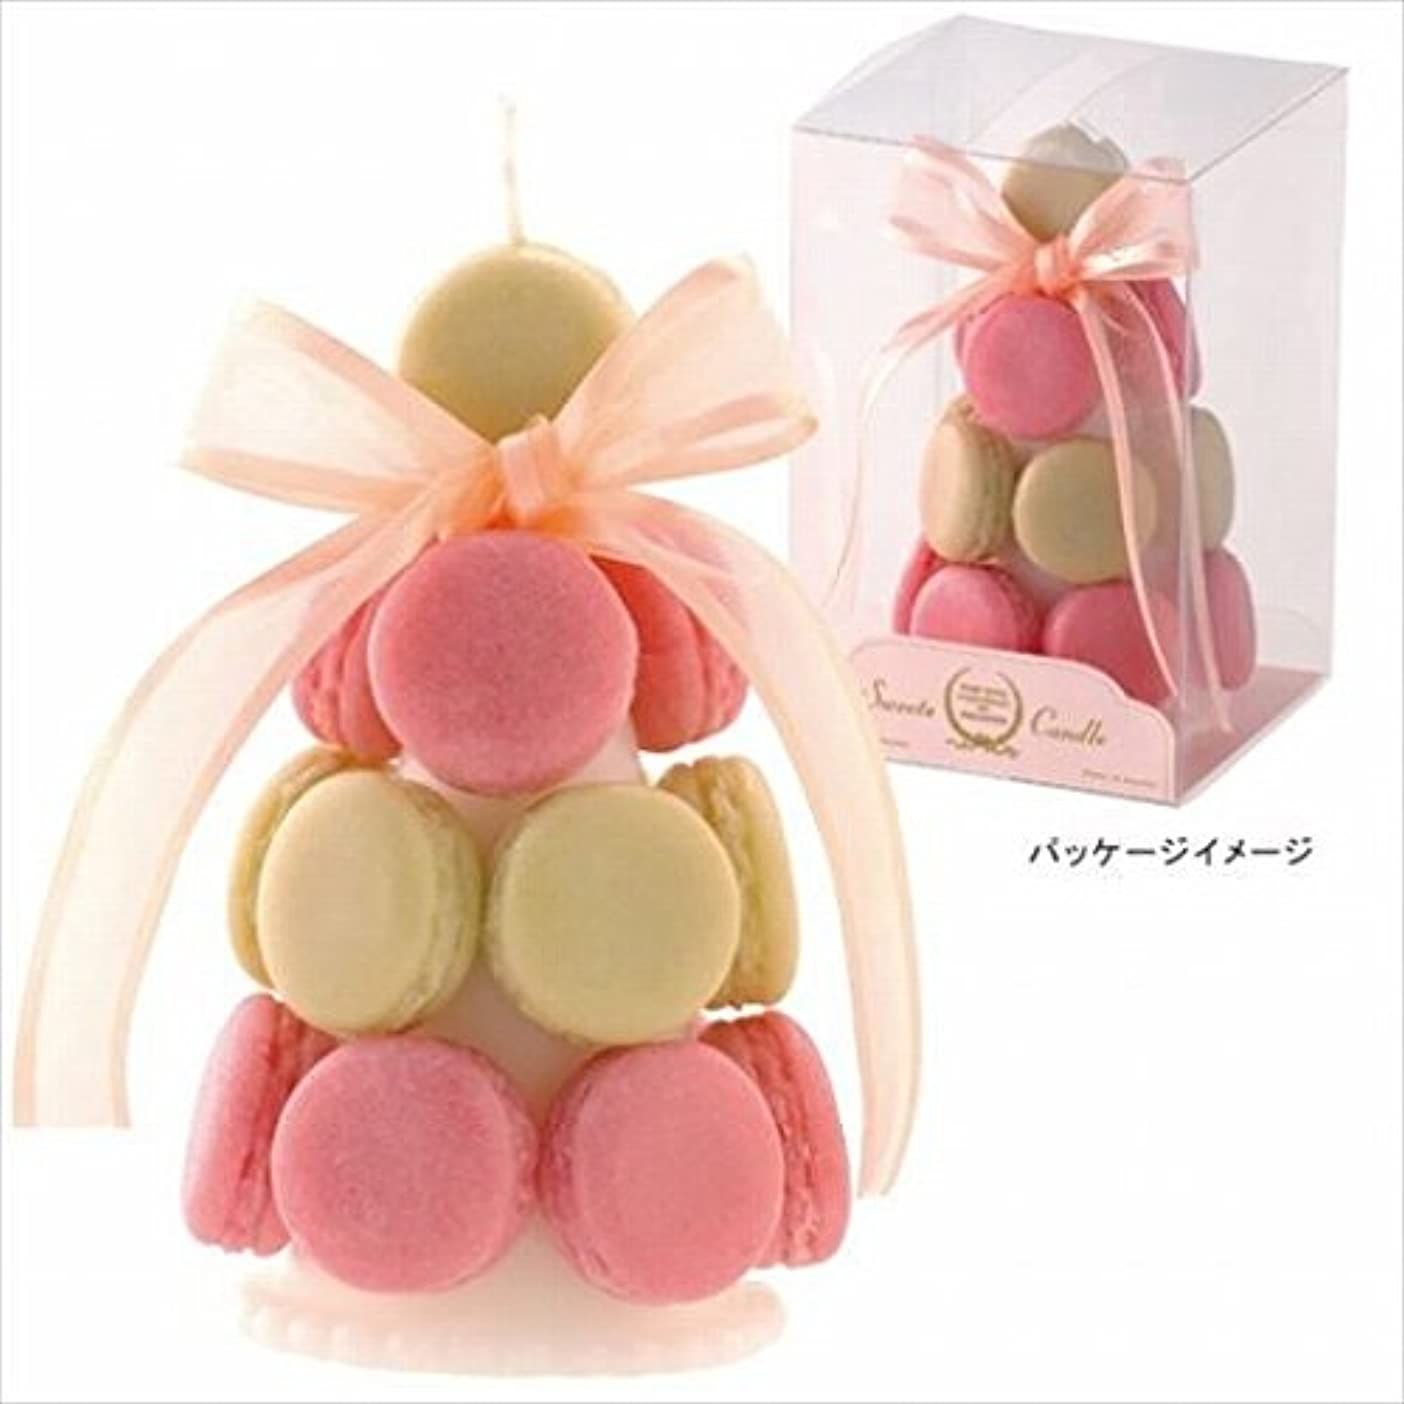 製造業会議酔っ払いkameyama candle(カメヤマキャンドル) ハッピーマカロンタワー 「 キャラメル 」6個セット(A4580510)